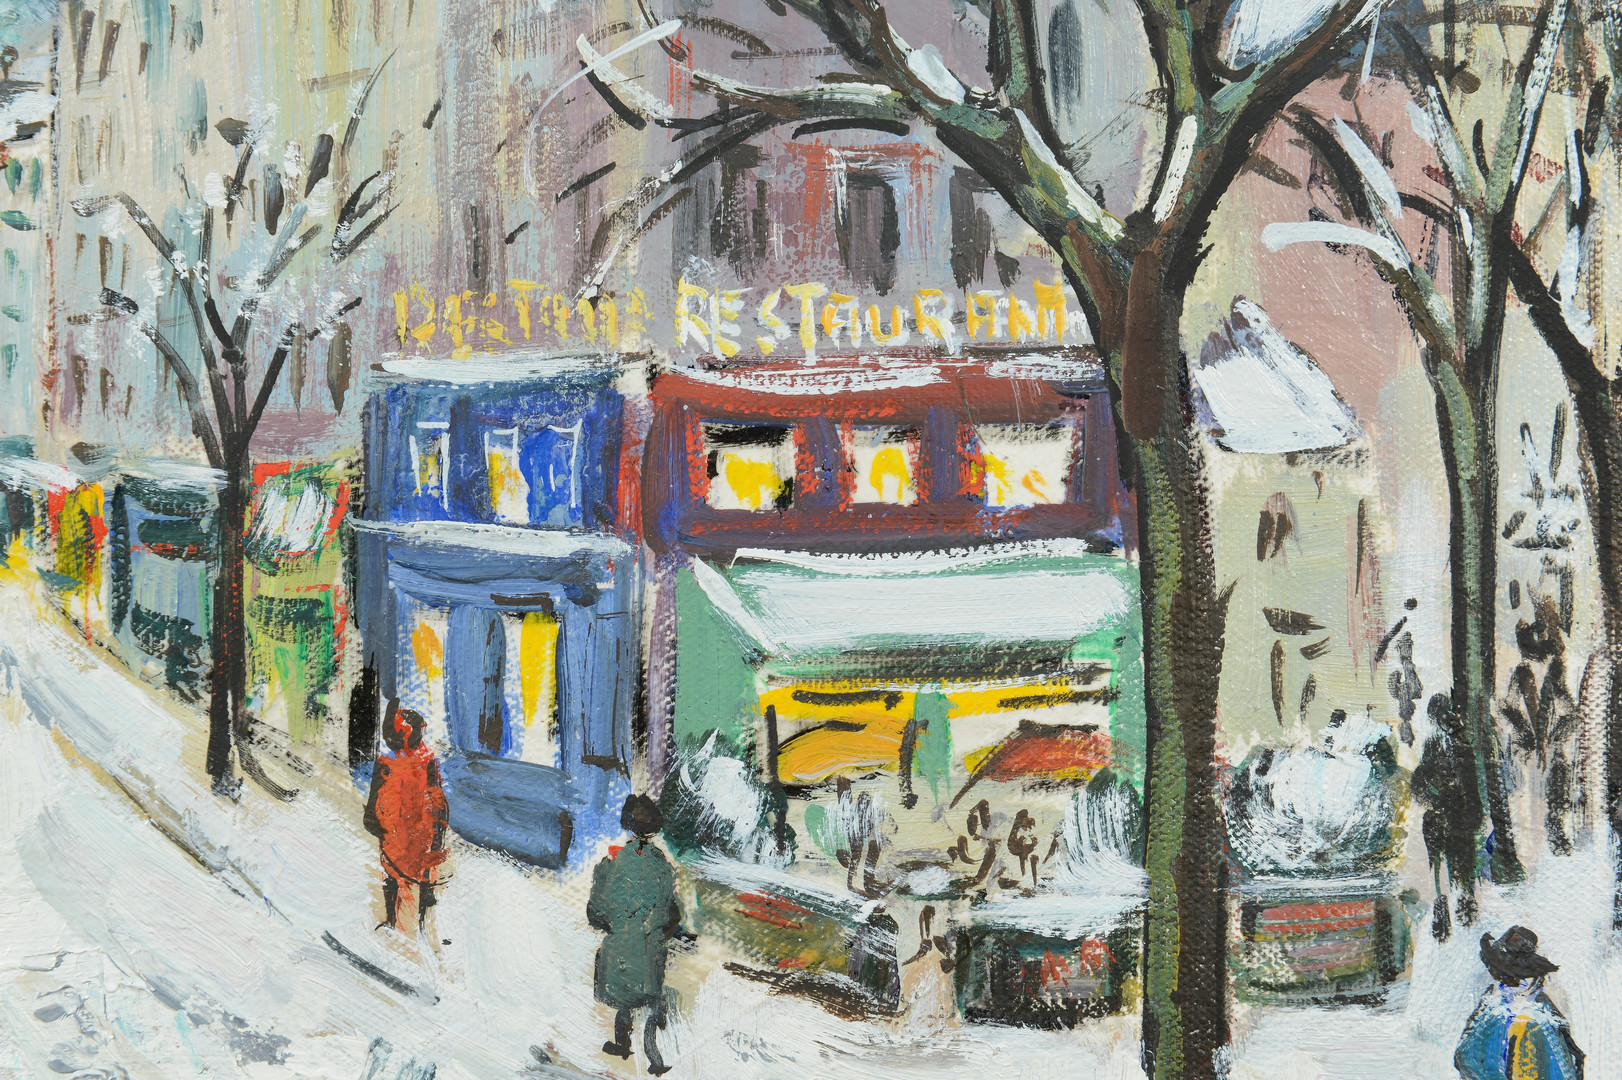 Lot 847: Bruno E. Laurent o/c, Paris in Winter